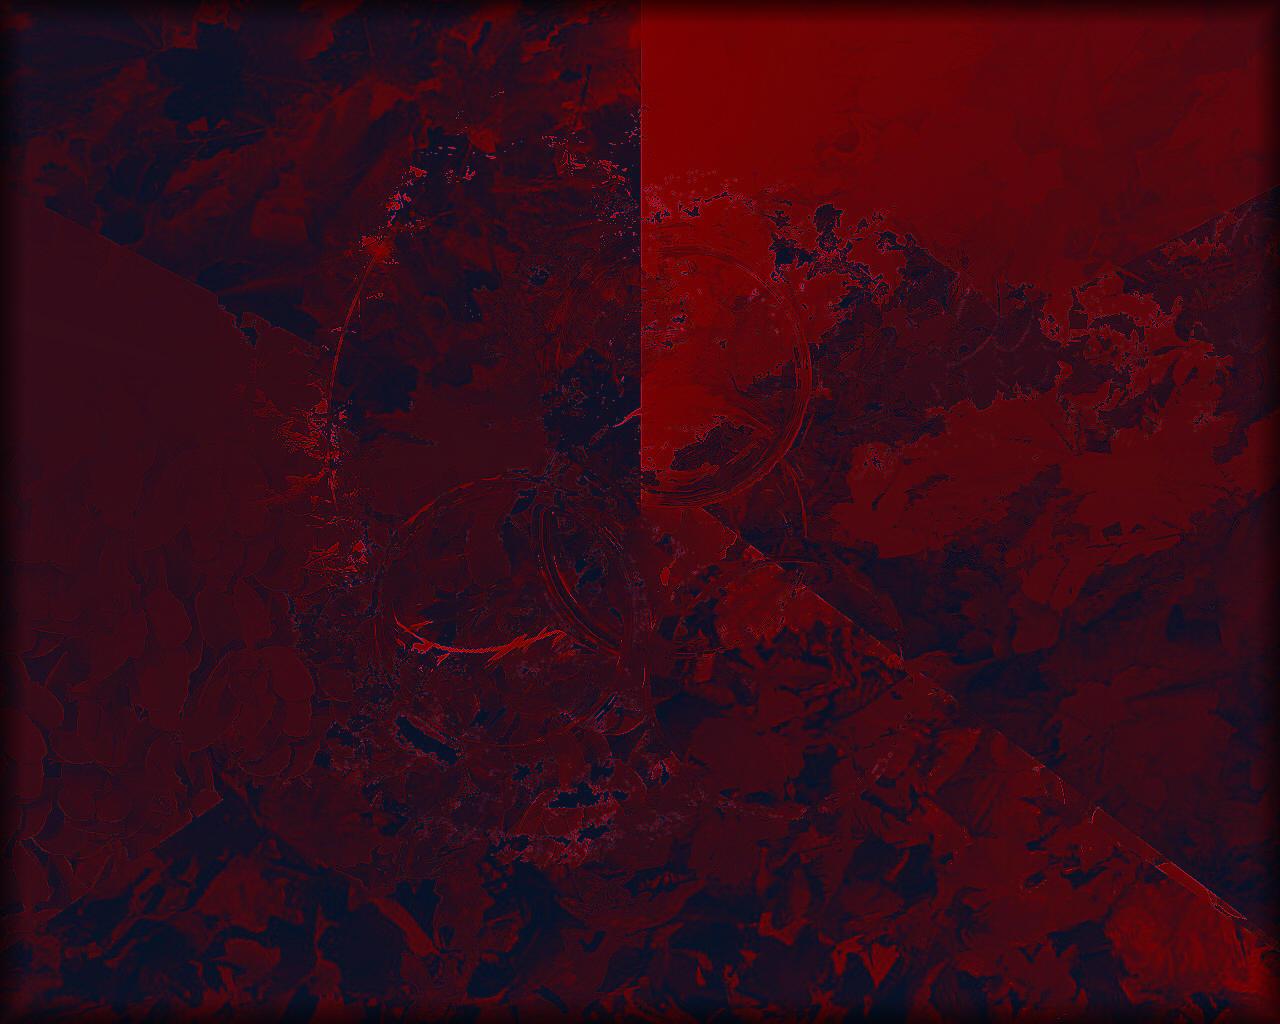 Red Velvet by TNBrat